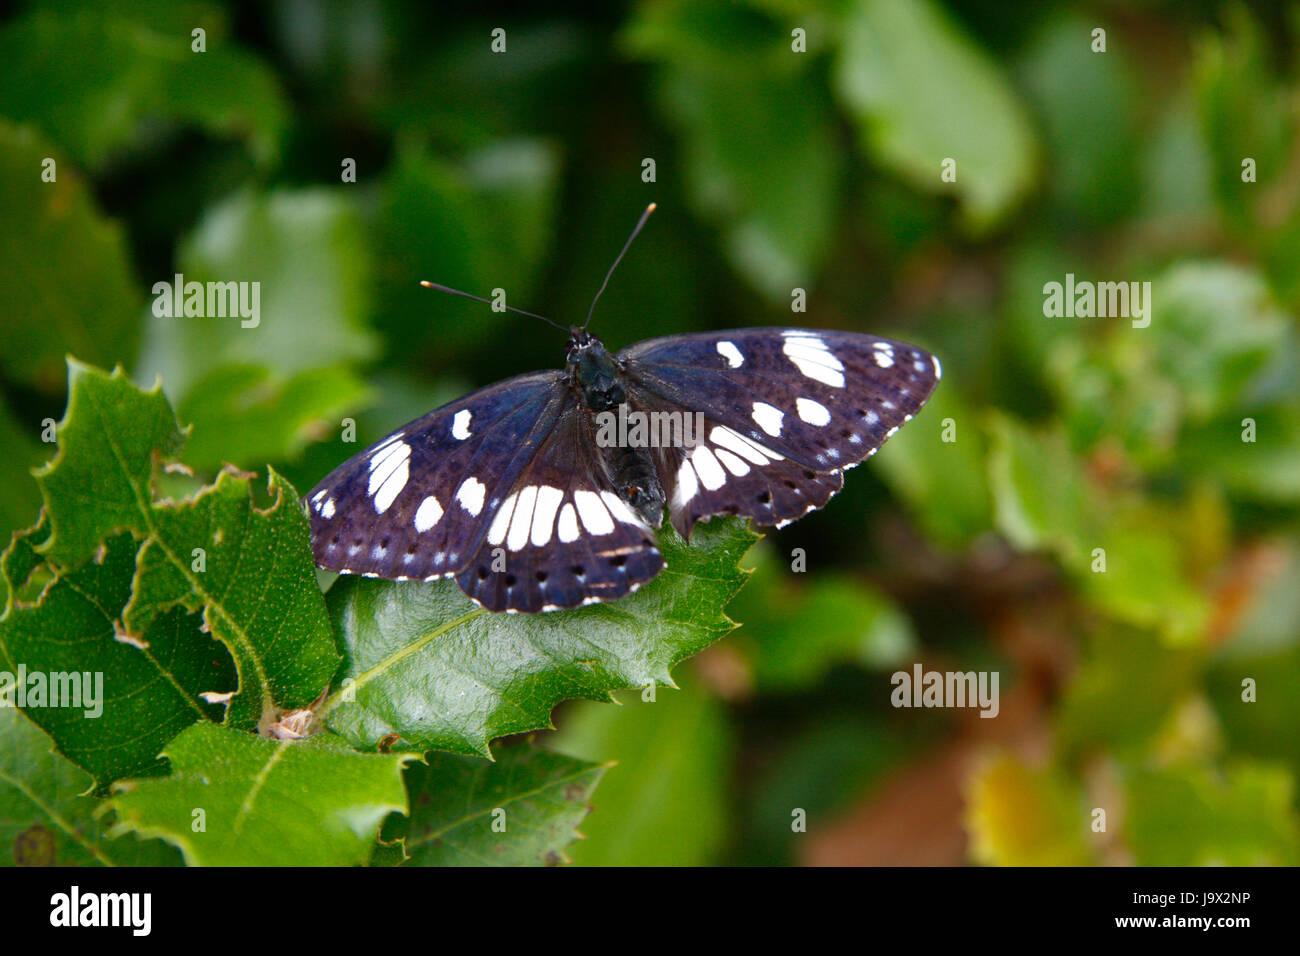 Impressionen: Schmetterling, Kosika, Frankreich. - Stock Image